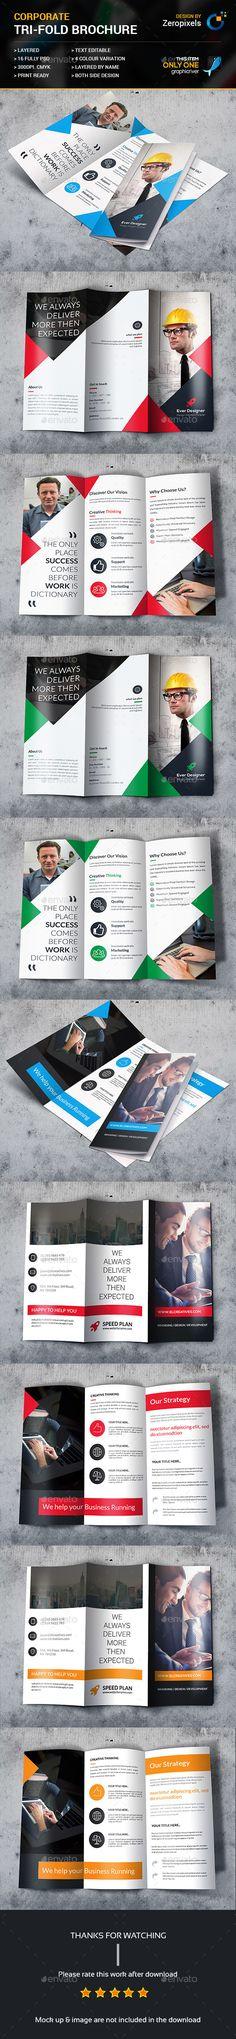 Corporate Trifold Brochure Template PSD Bundle